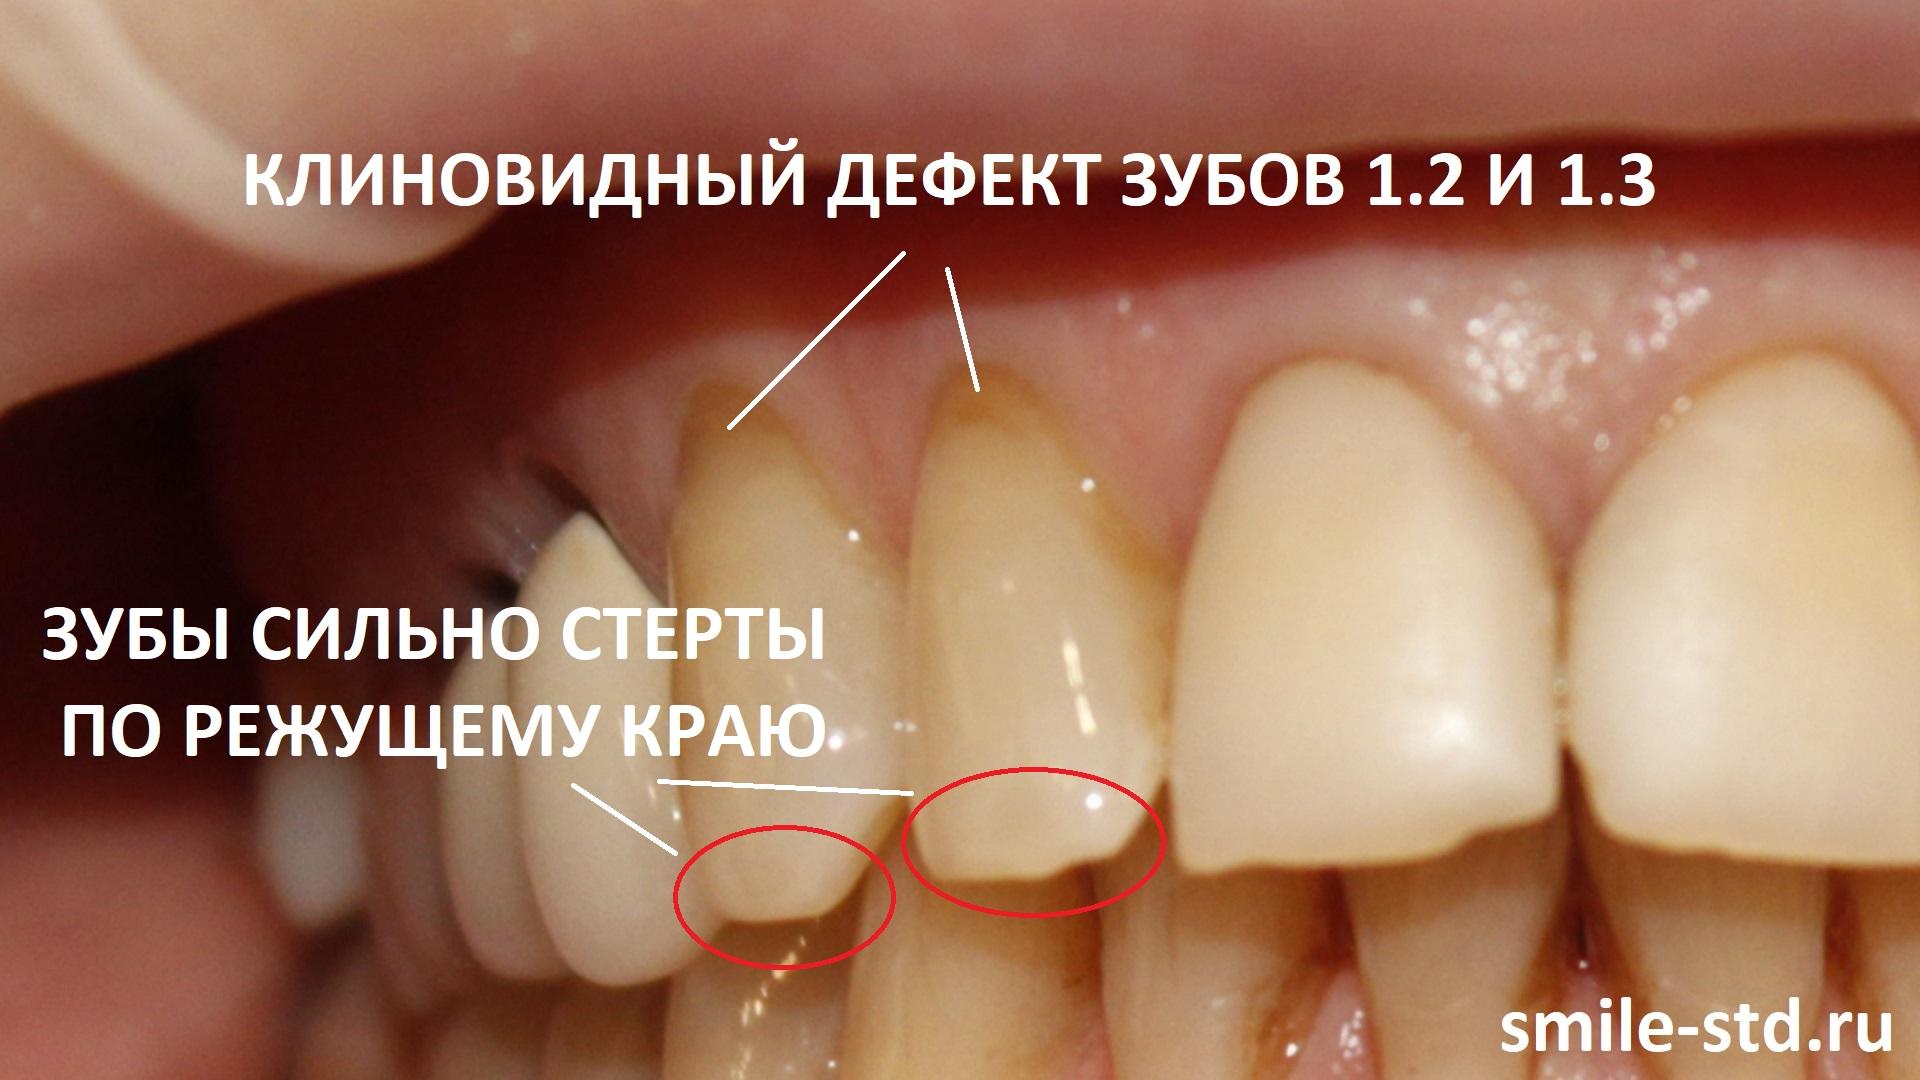 Зубы 1.2 и 1.3 имеют небольшие клиновидные дефекты в пришеечных областях и сильную стираемость по режущему краю. Пациент клиники Smile STD, Москва